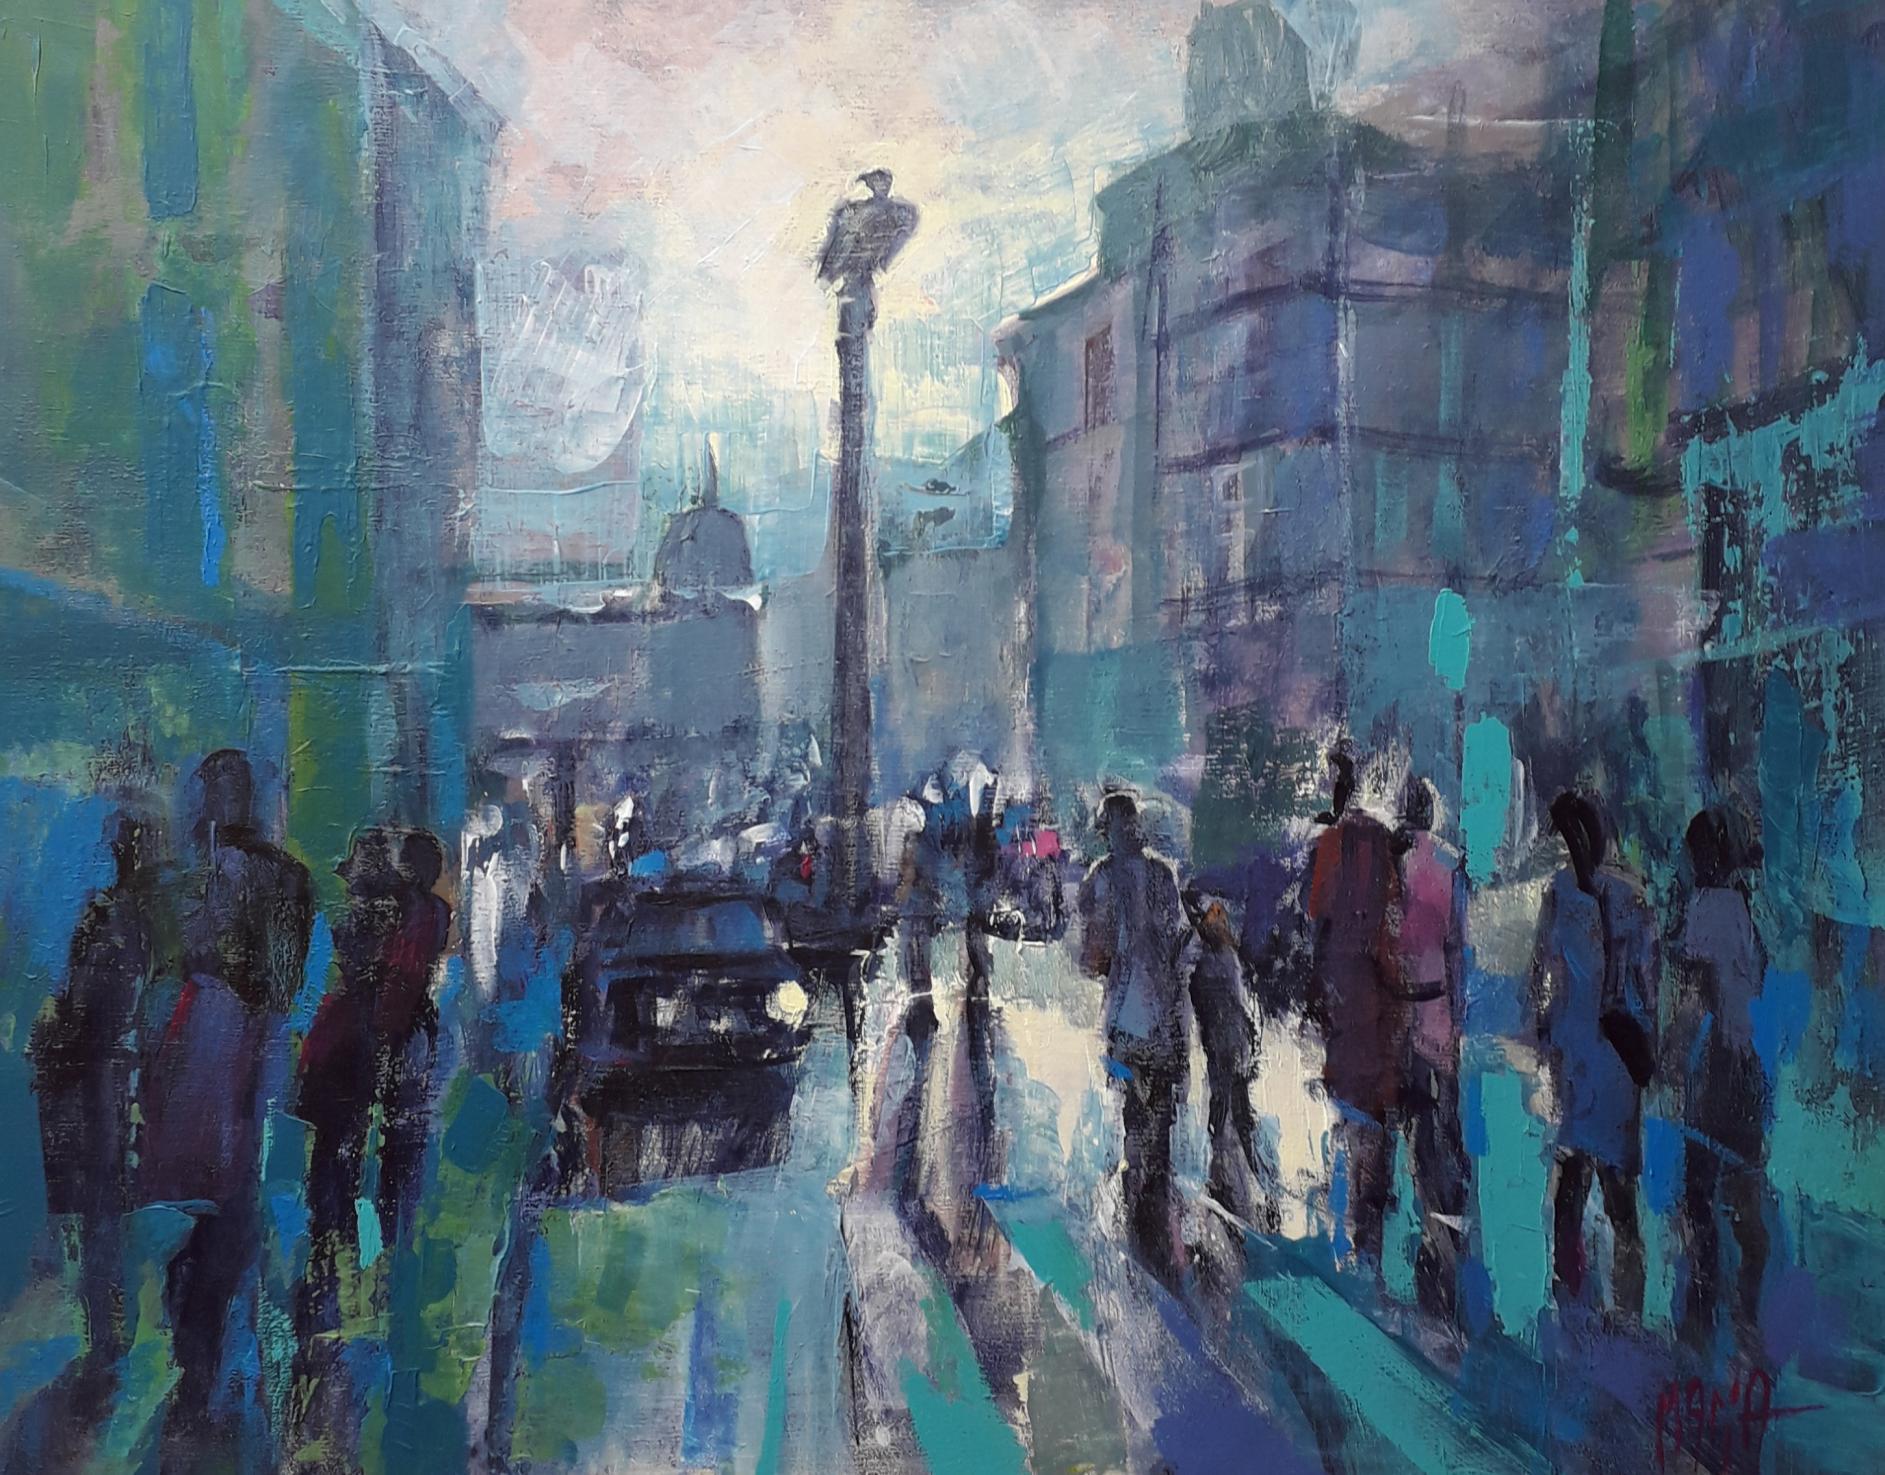 La plaza (2019) - Miguel Angel Macía